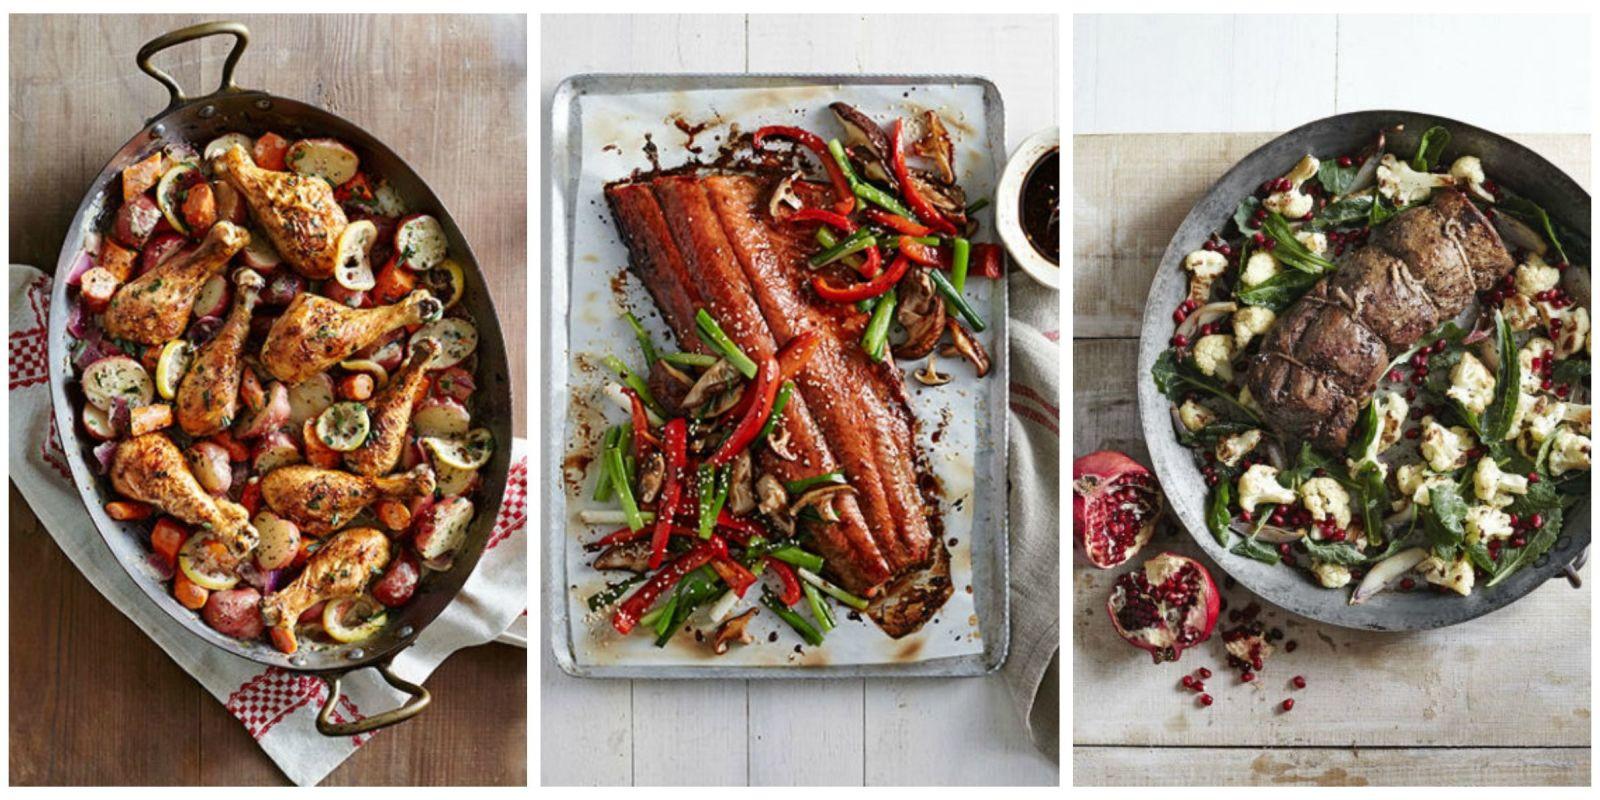 Easy Dinner Ideas For Her Recipes